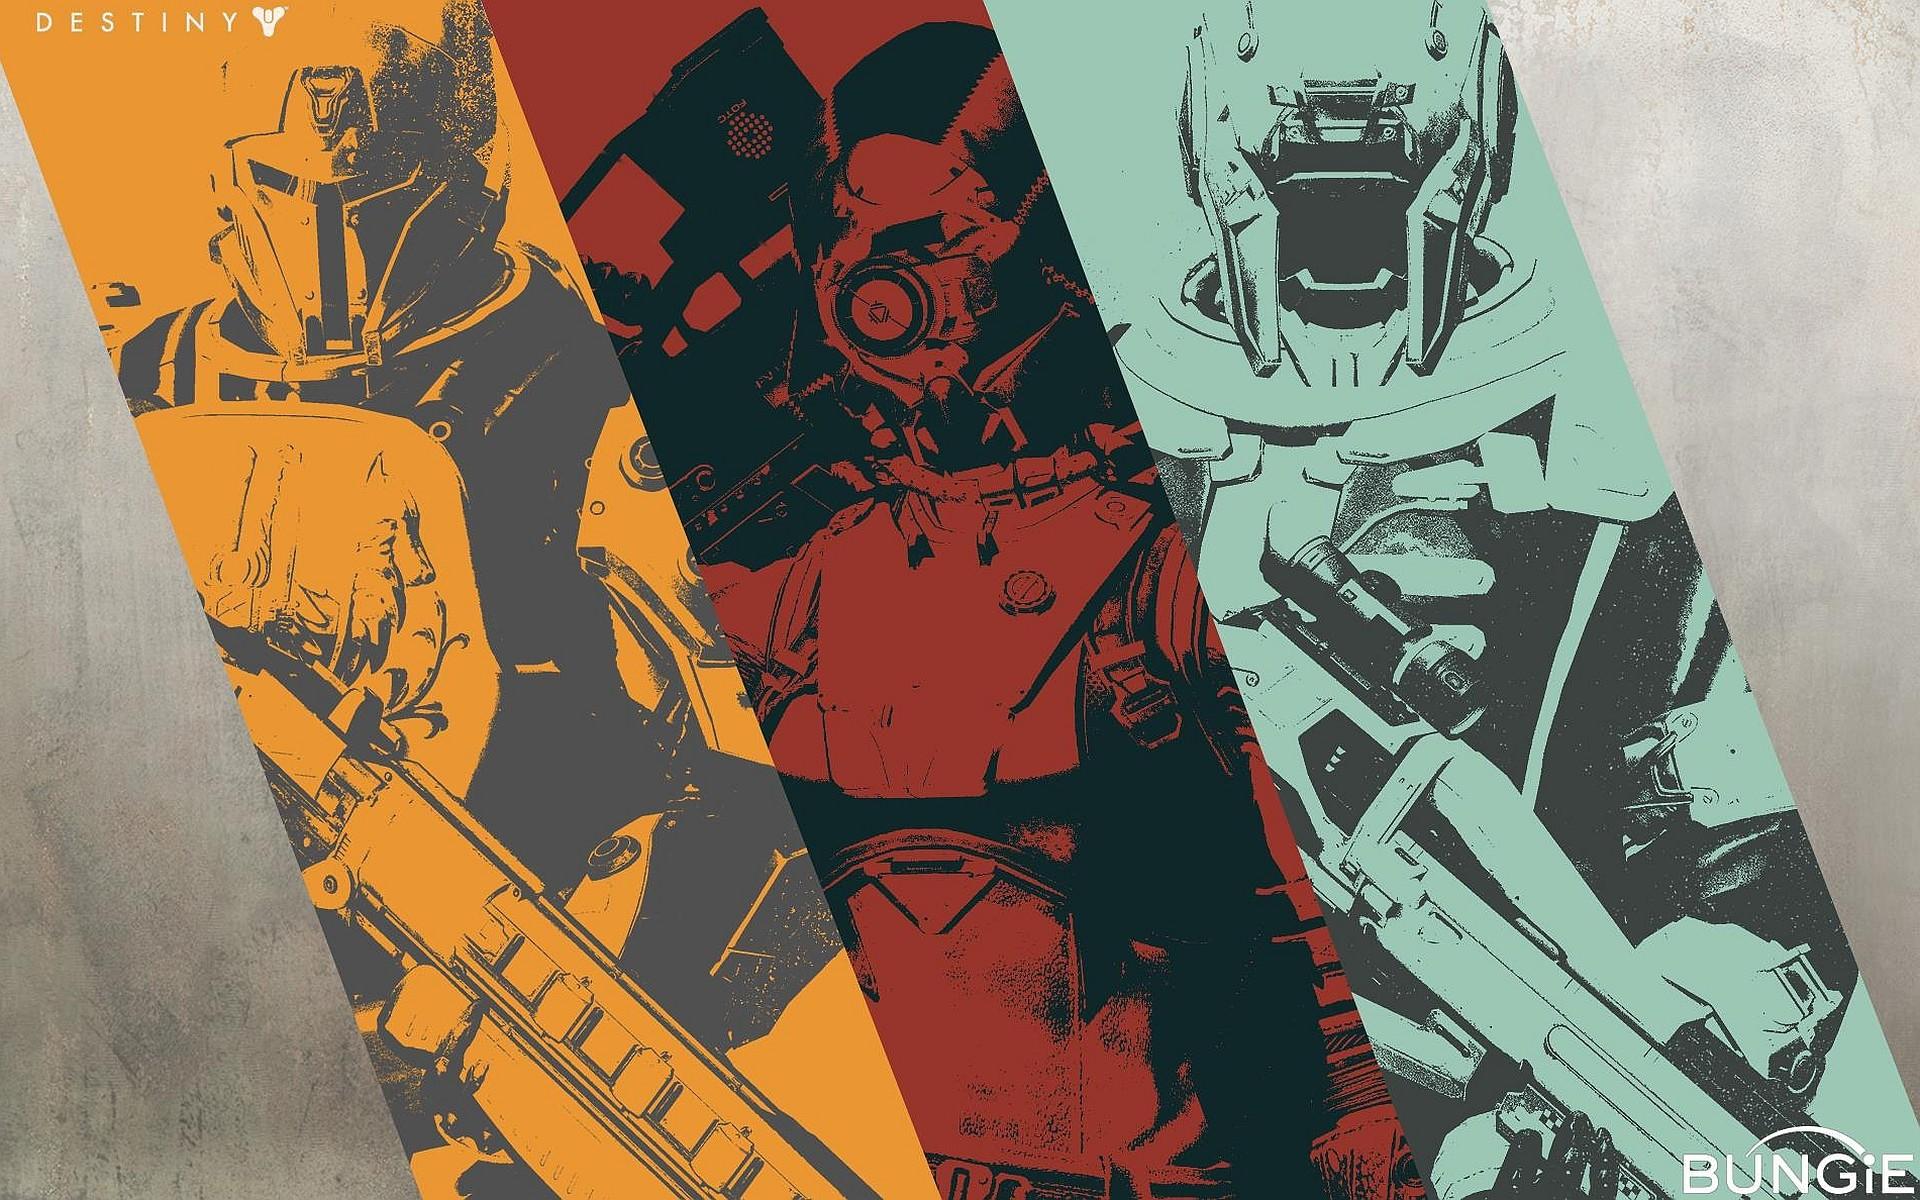 Destiny : Wallpapers pour iPhone & Bureau | Khanapay.com